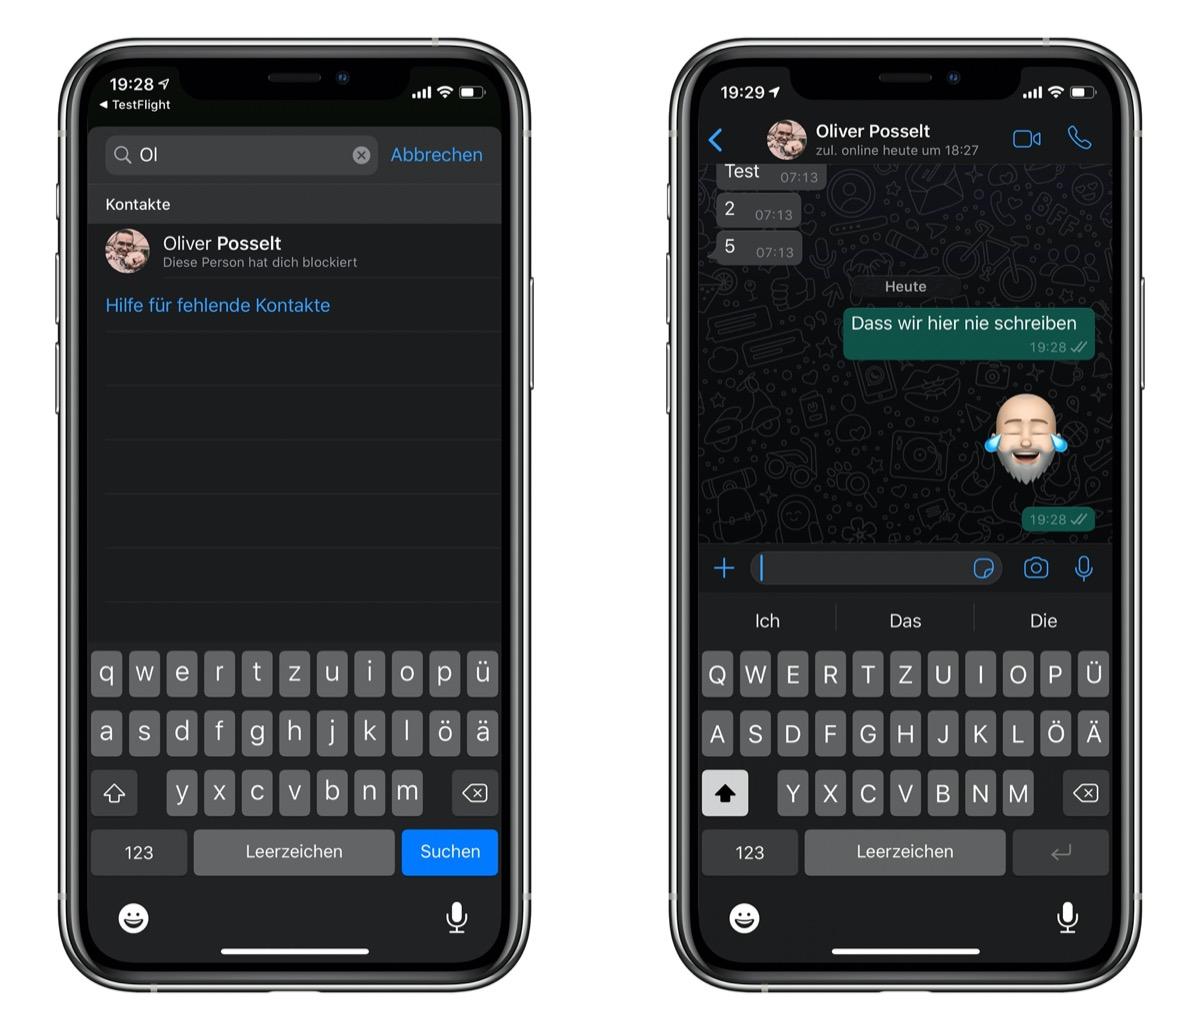 Schreiben sich selbst whatsapp Whatsapp: Genialer